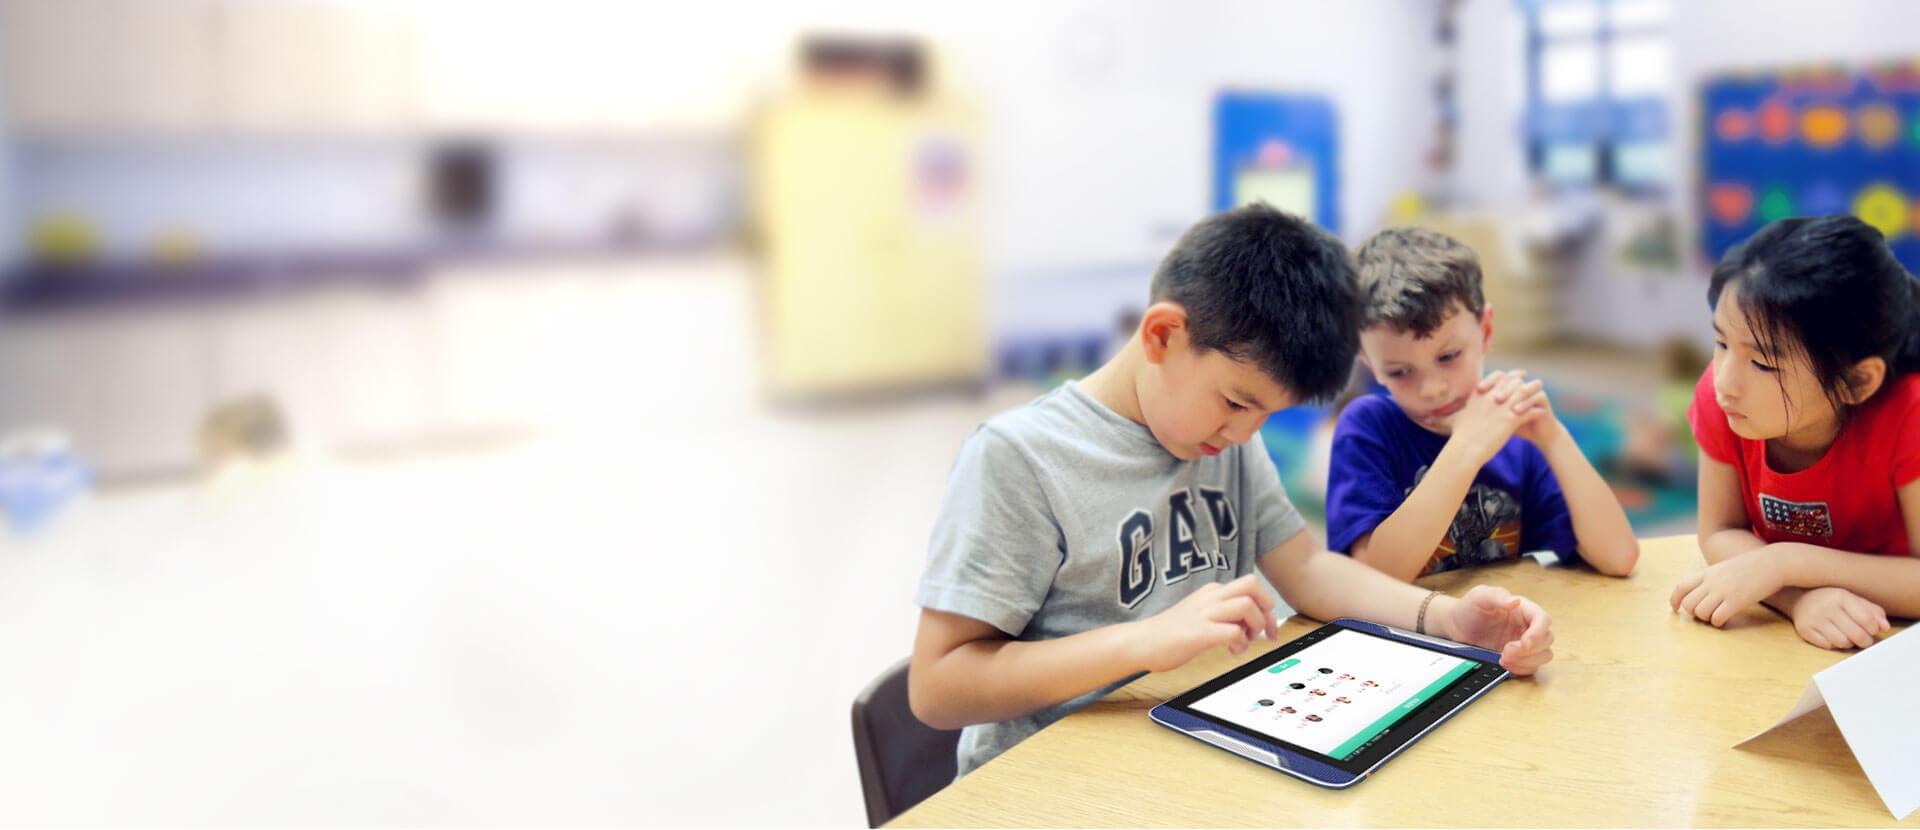 互动课堂 1对1智能课堂控制,高效的智慧教学工具